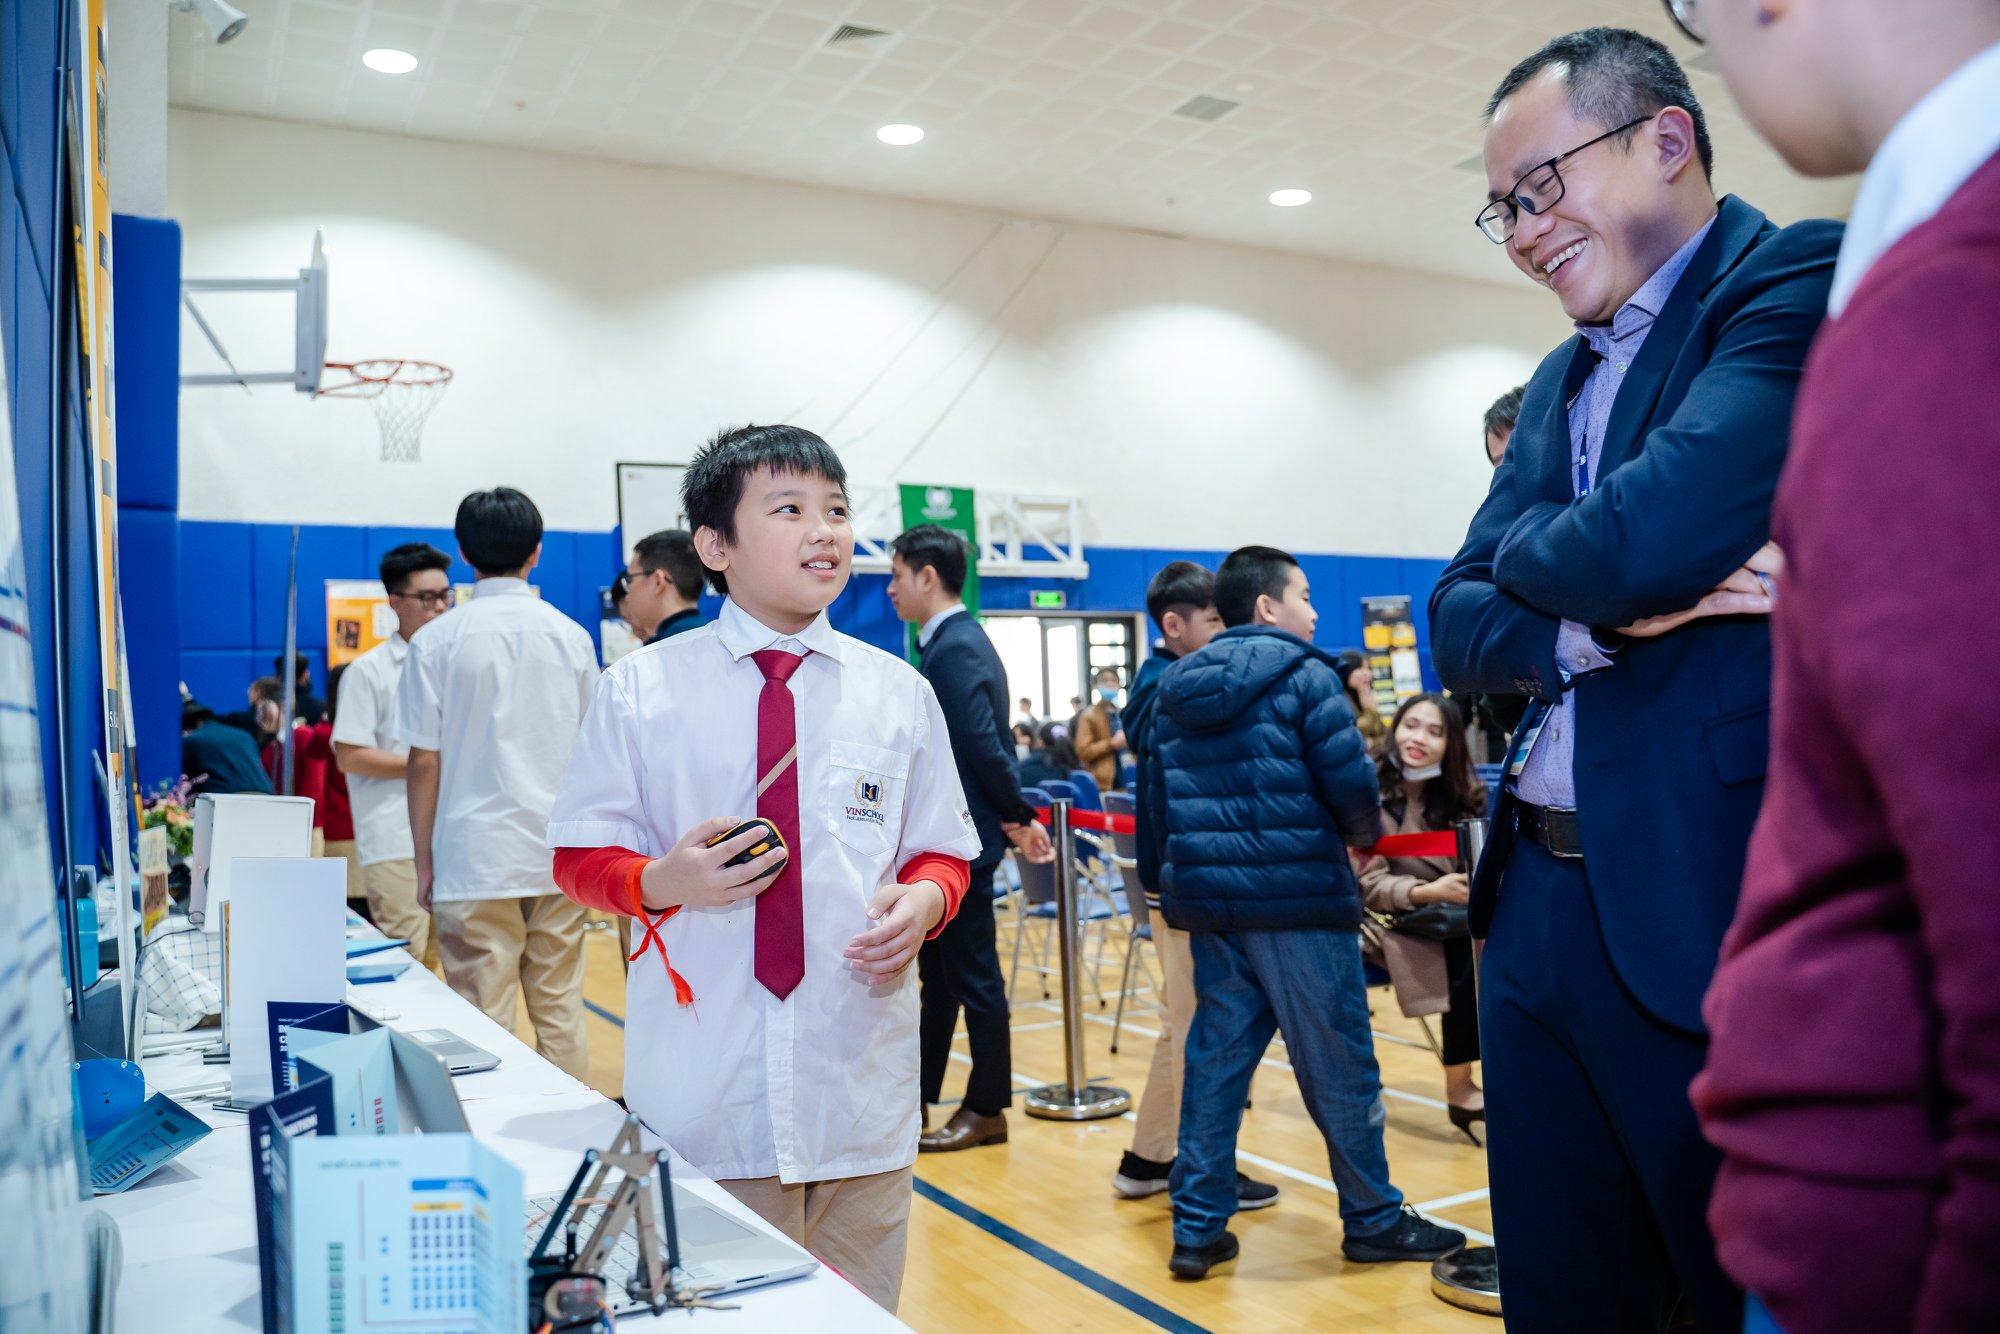 Chuyên gia nói gì về các dự án Nghiên cứu khoa học của học sinh Vinschool?